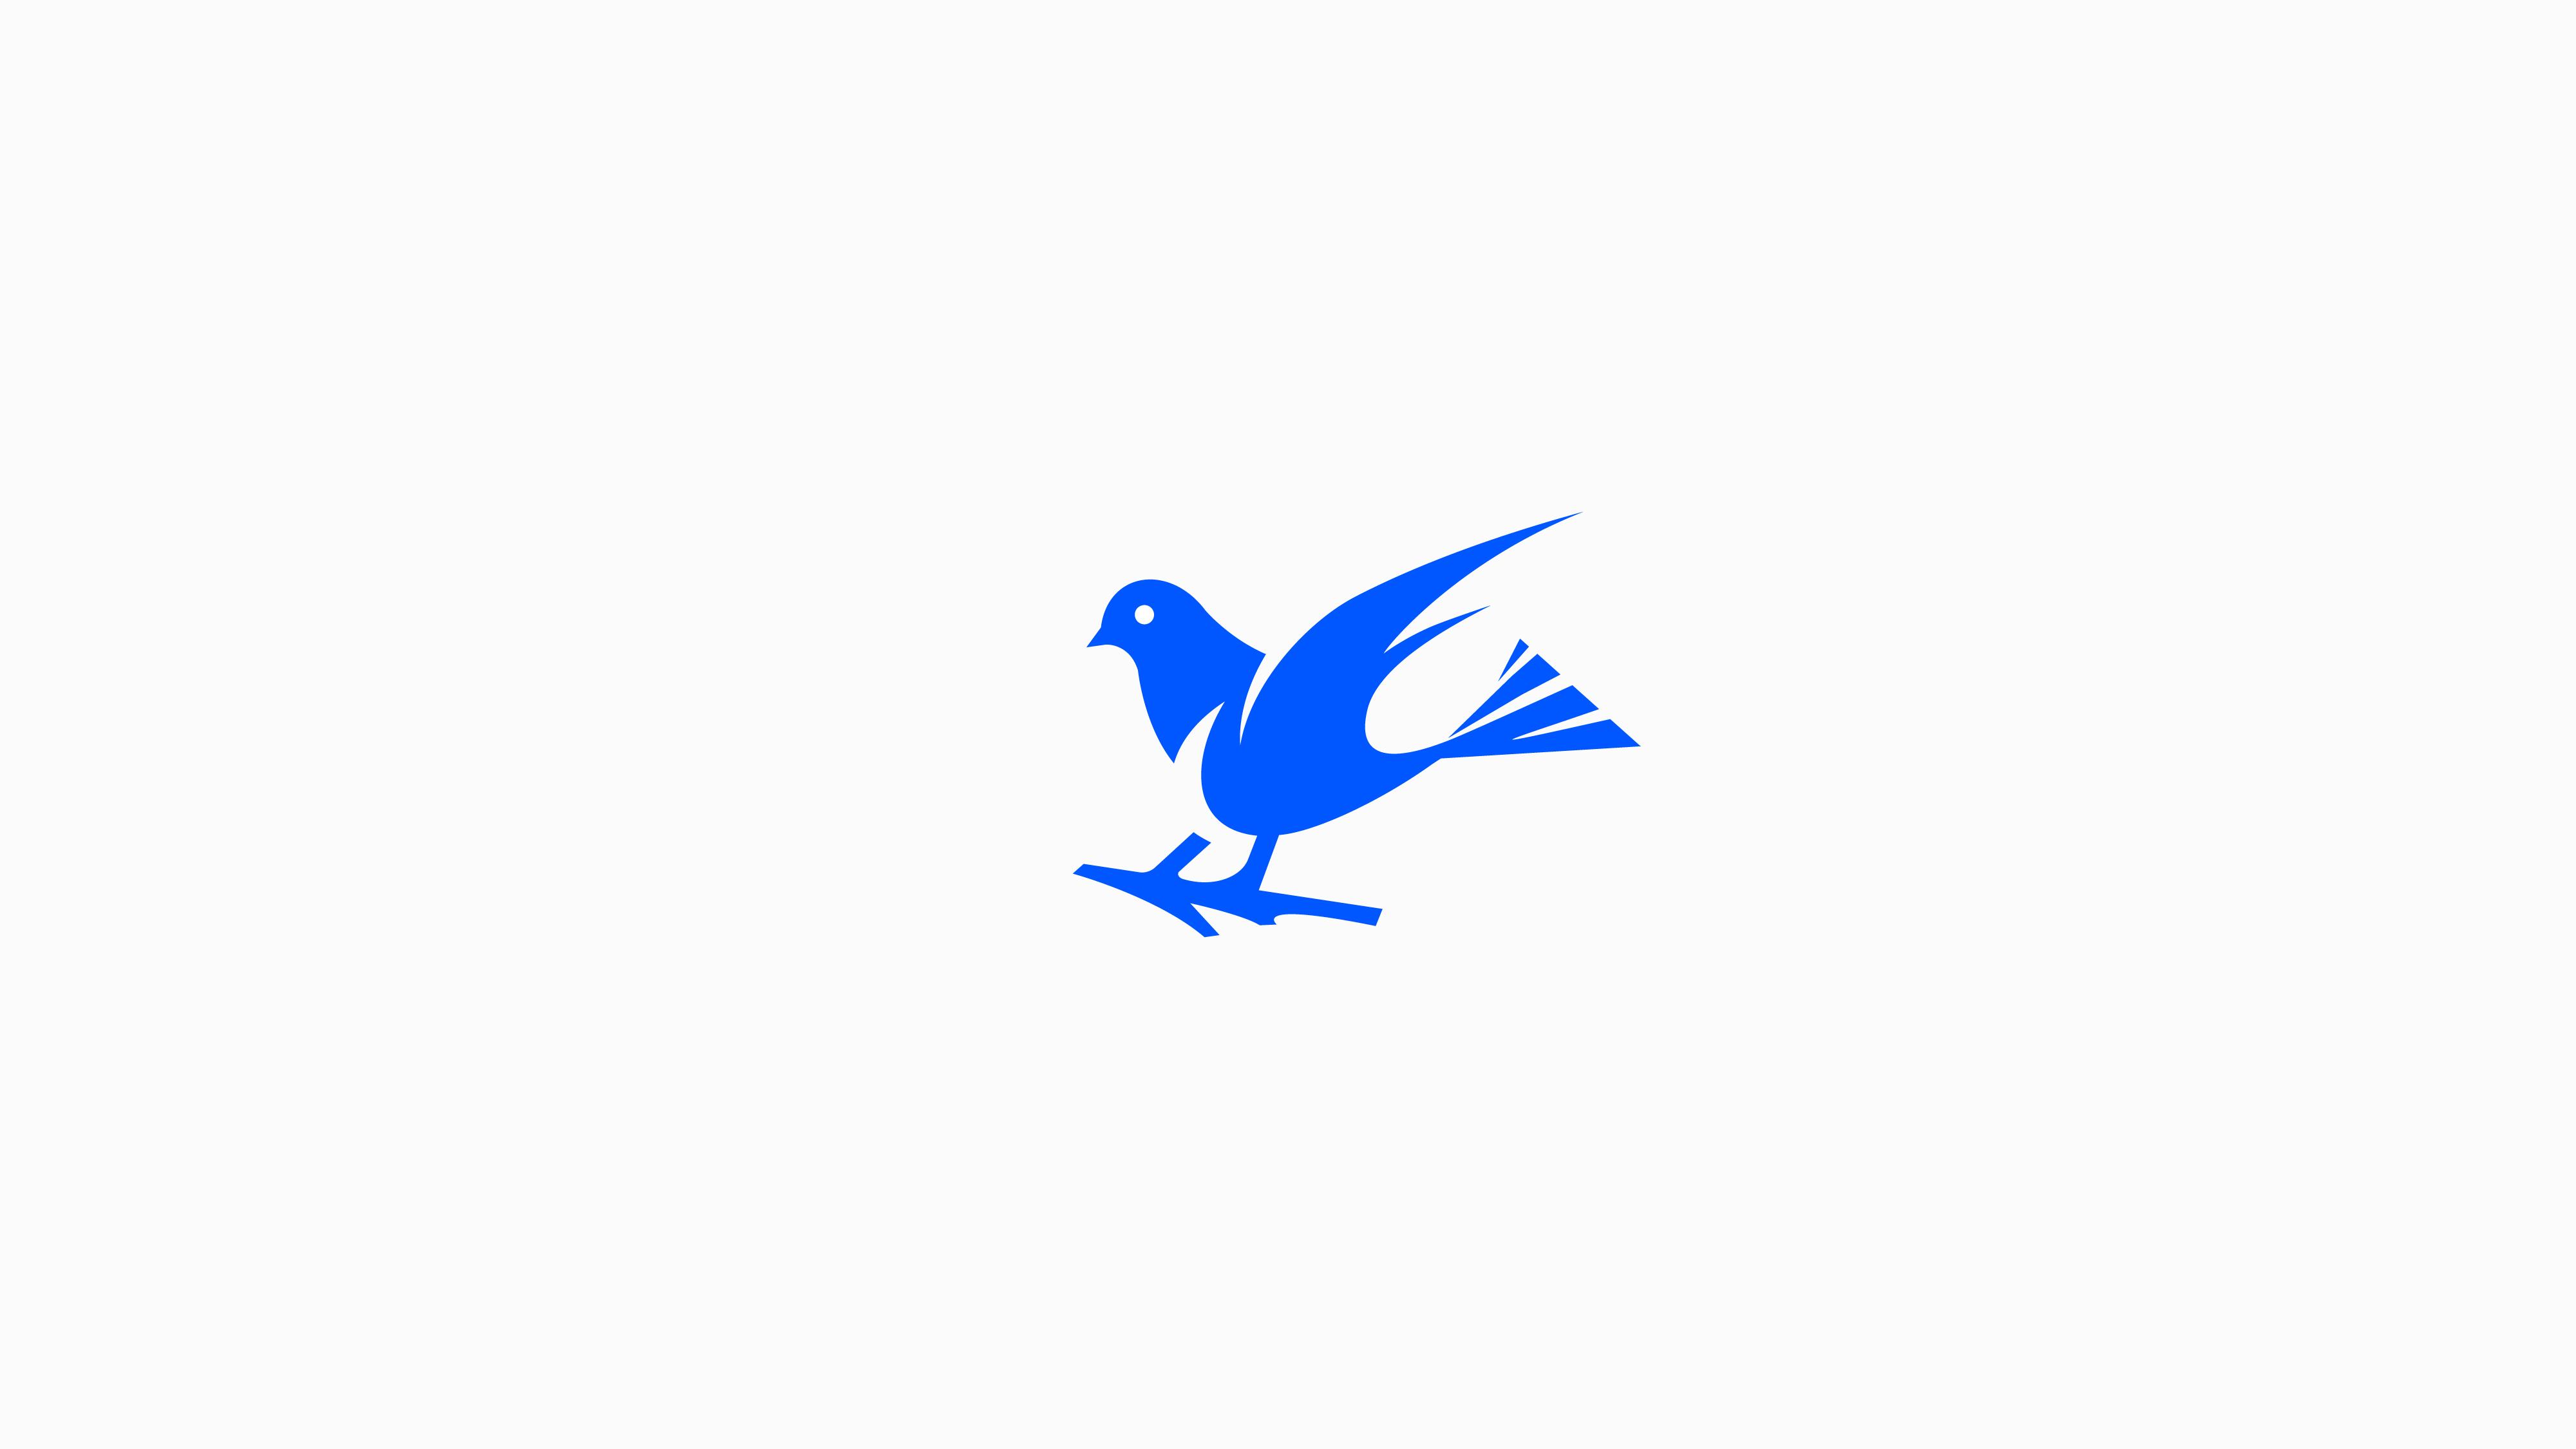 Blue-bird-logo-design-by-DAINOGO